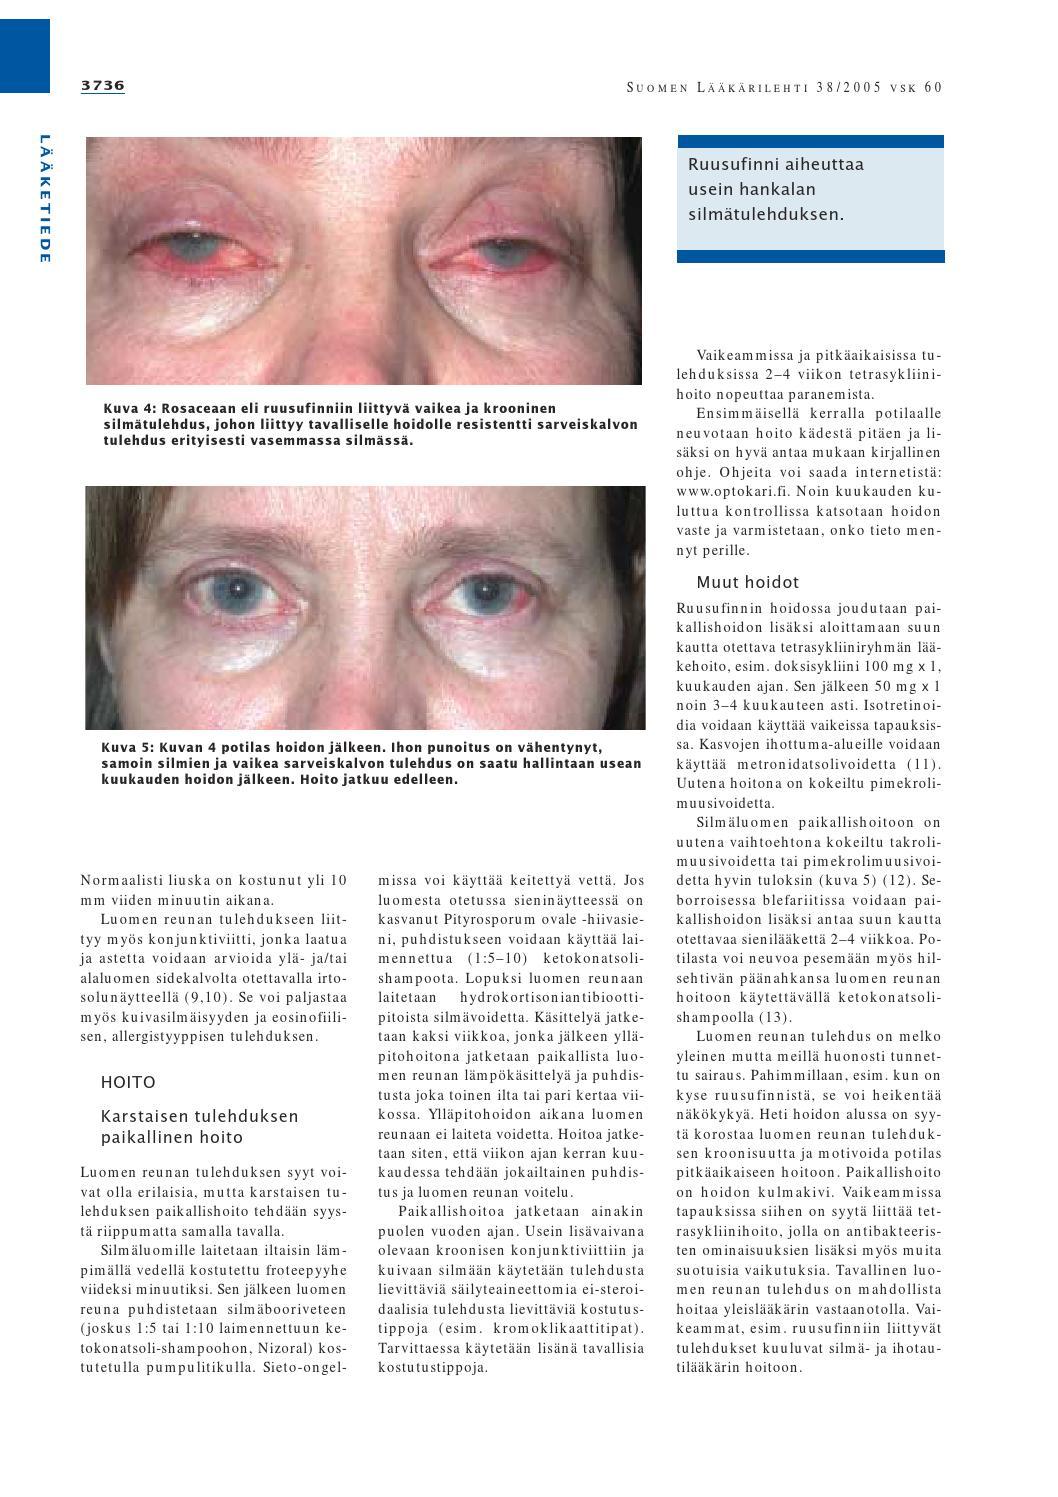 Krooninen Silmätulehdus